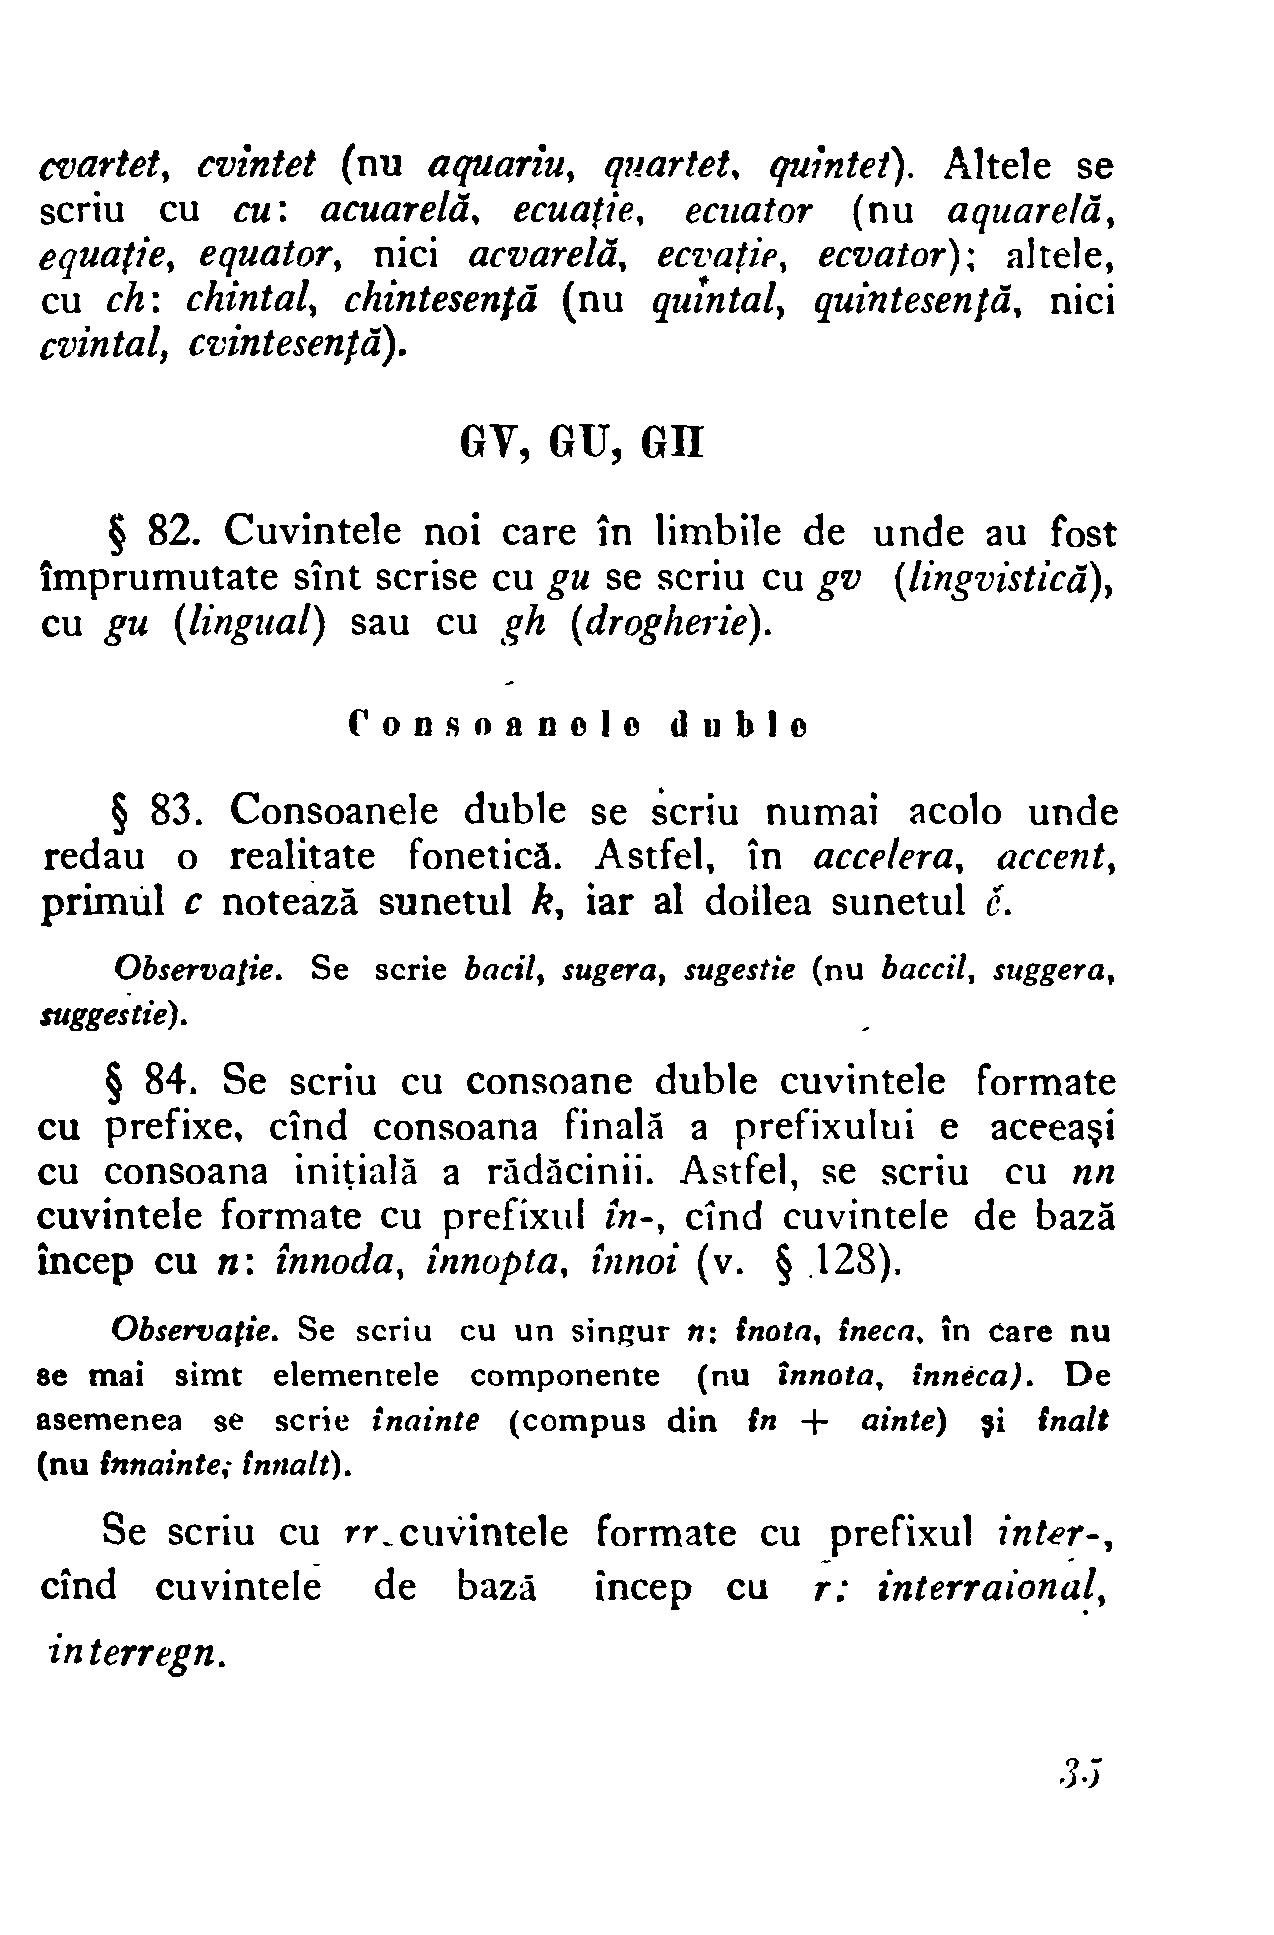 1954 - Mic dicționar ortografic (33).png